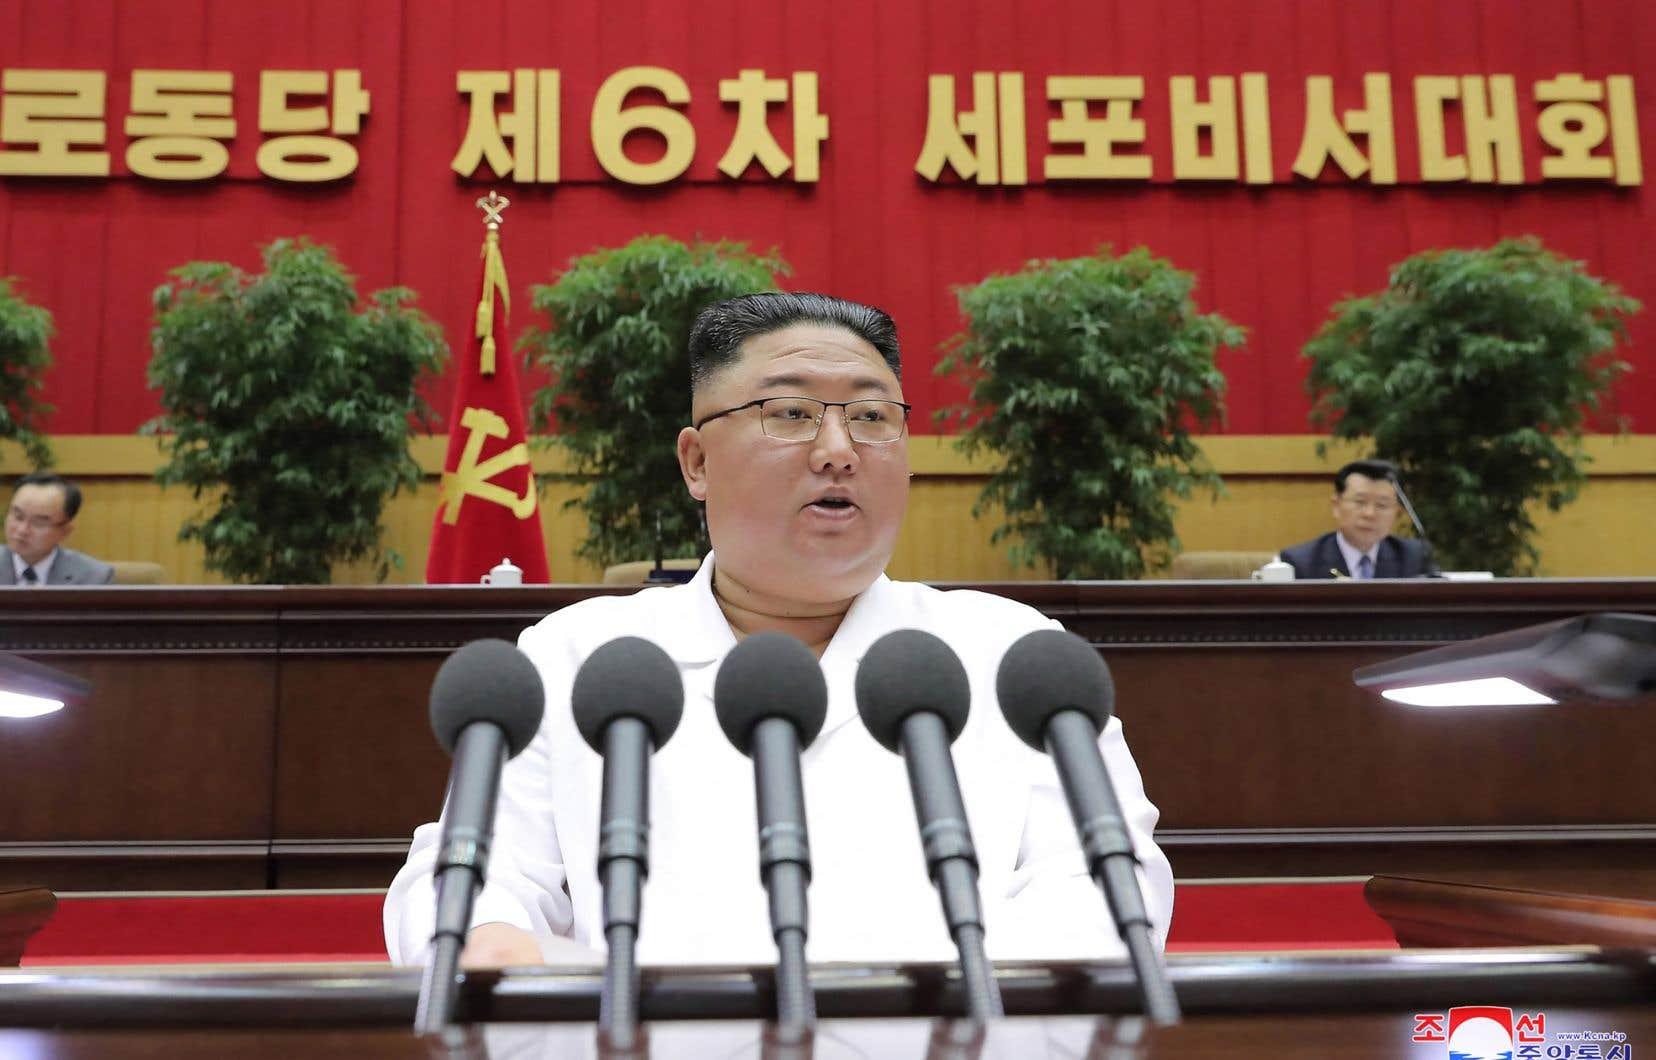 Le ministère a aussi accusé le président américain d'avoir insulté Kim Jong-un.